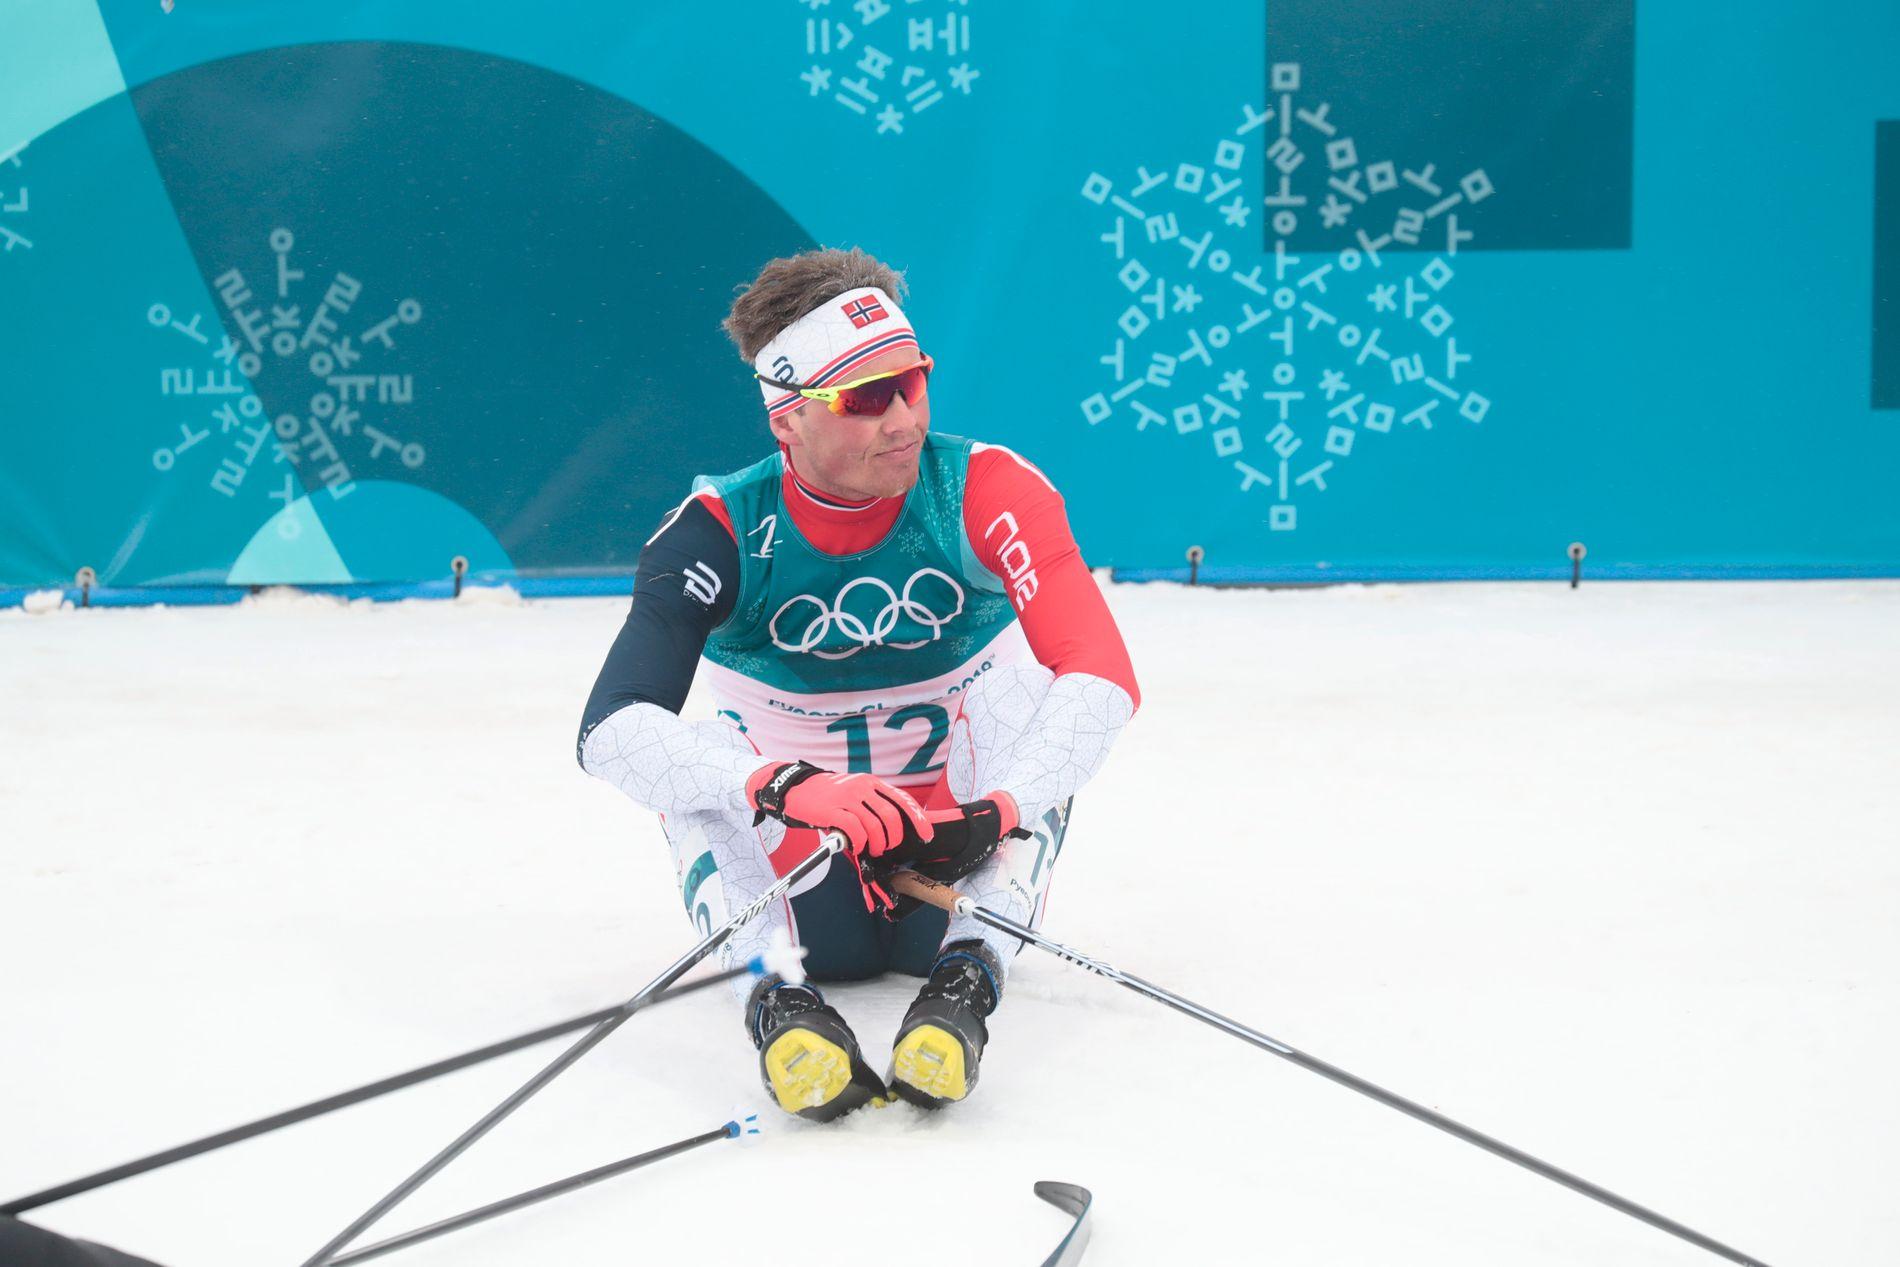 UTLADET: Emil Iversen, her etter femmila i OL, skal forsøke å avlsutte sesongen med stil, selv om han innrømmer at motivasjonen ikke er helt på topp etter OL.